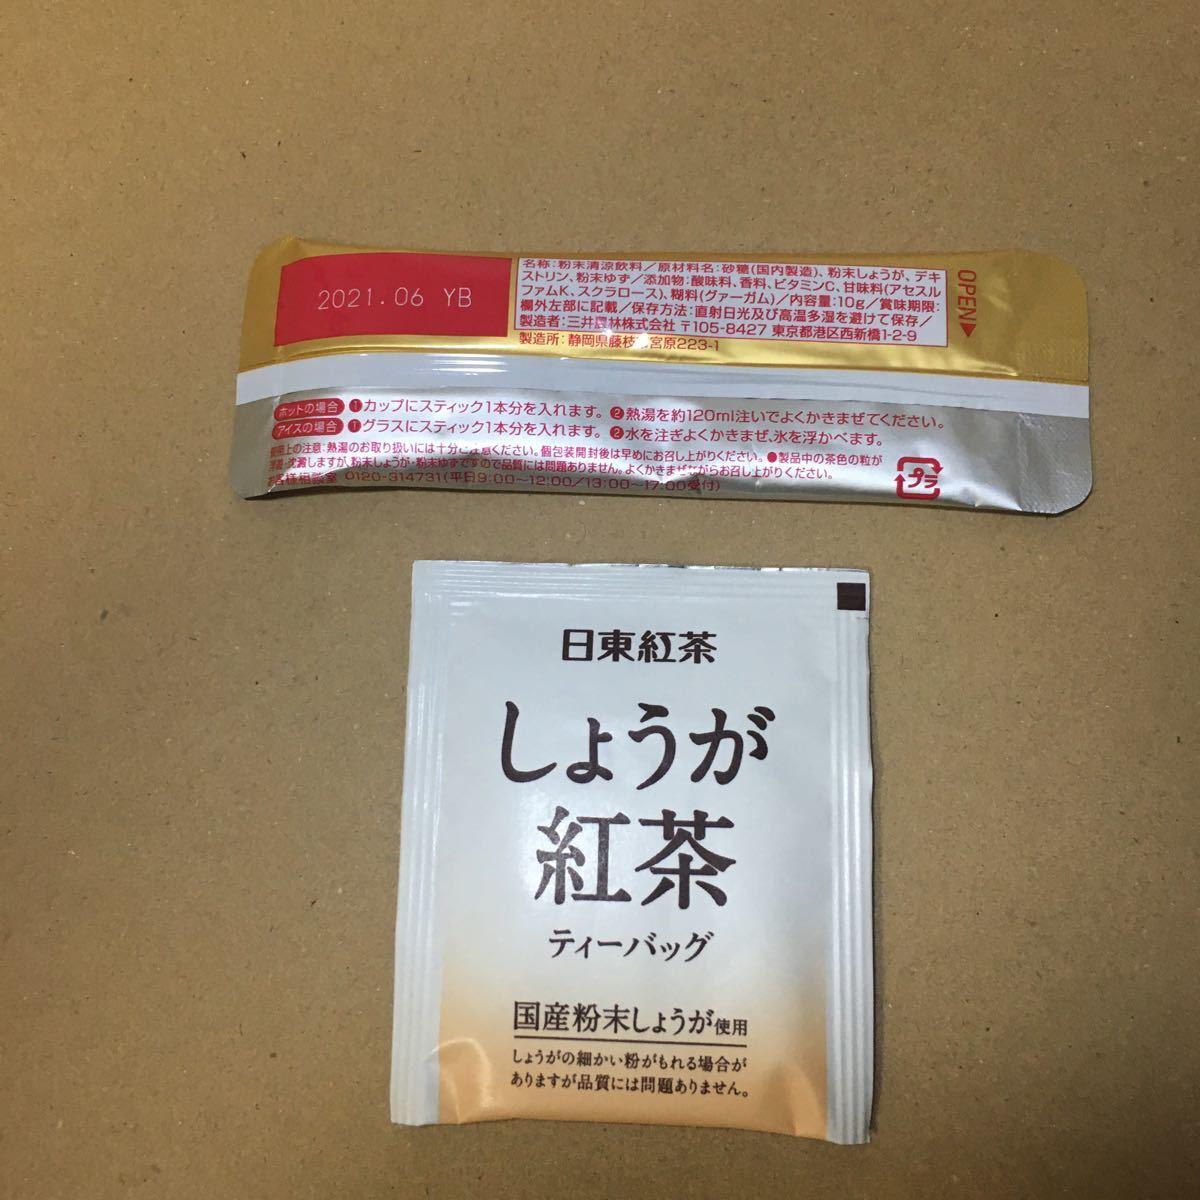 日東紅茶 しょうが茶 ティーバッグ